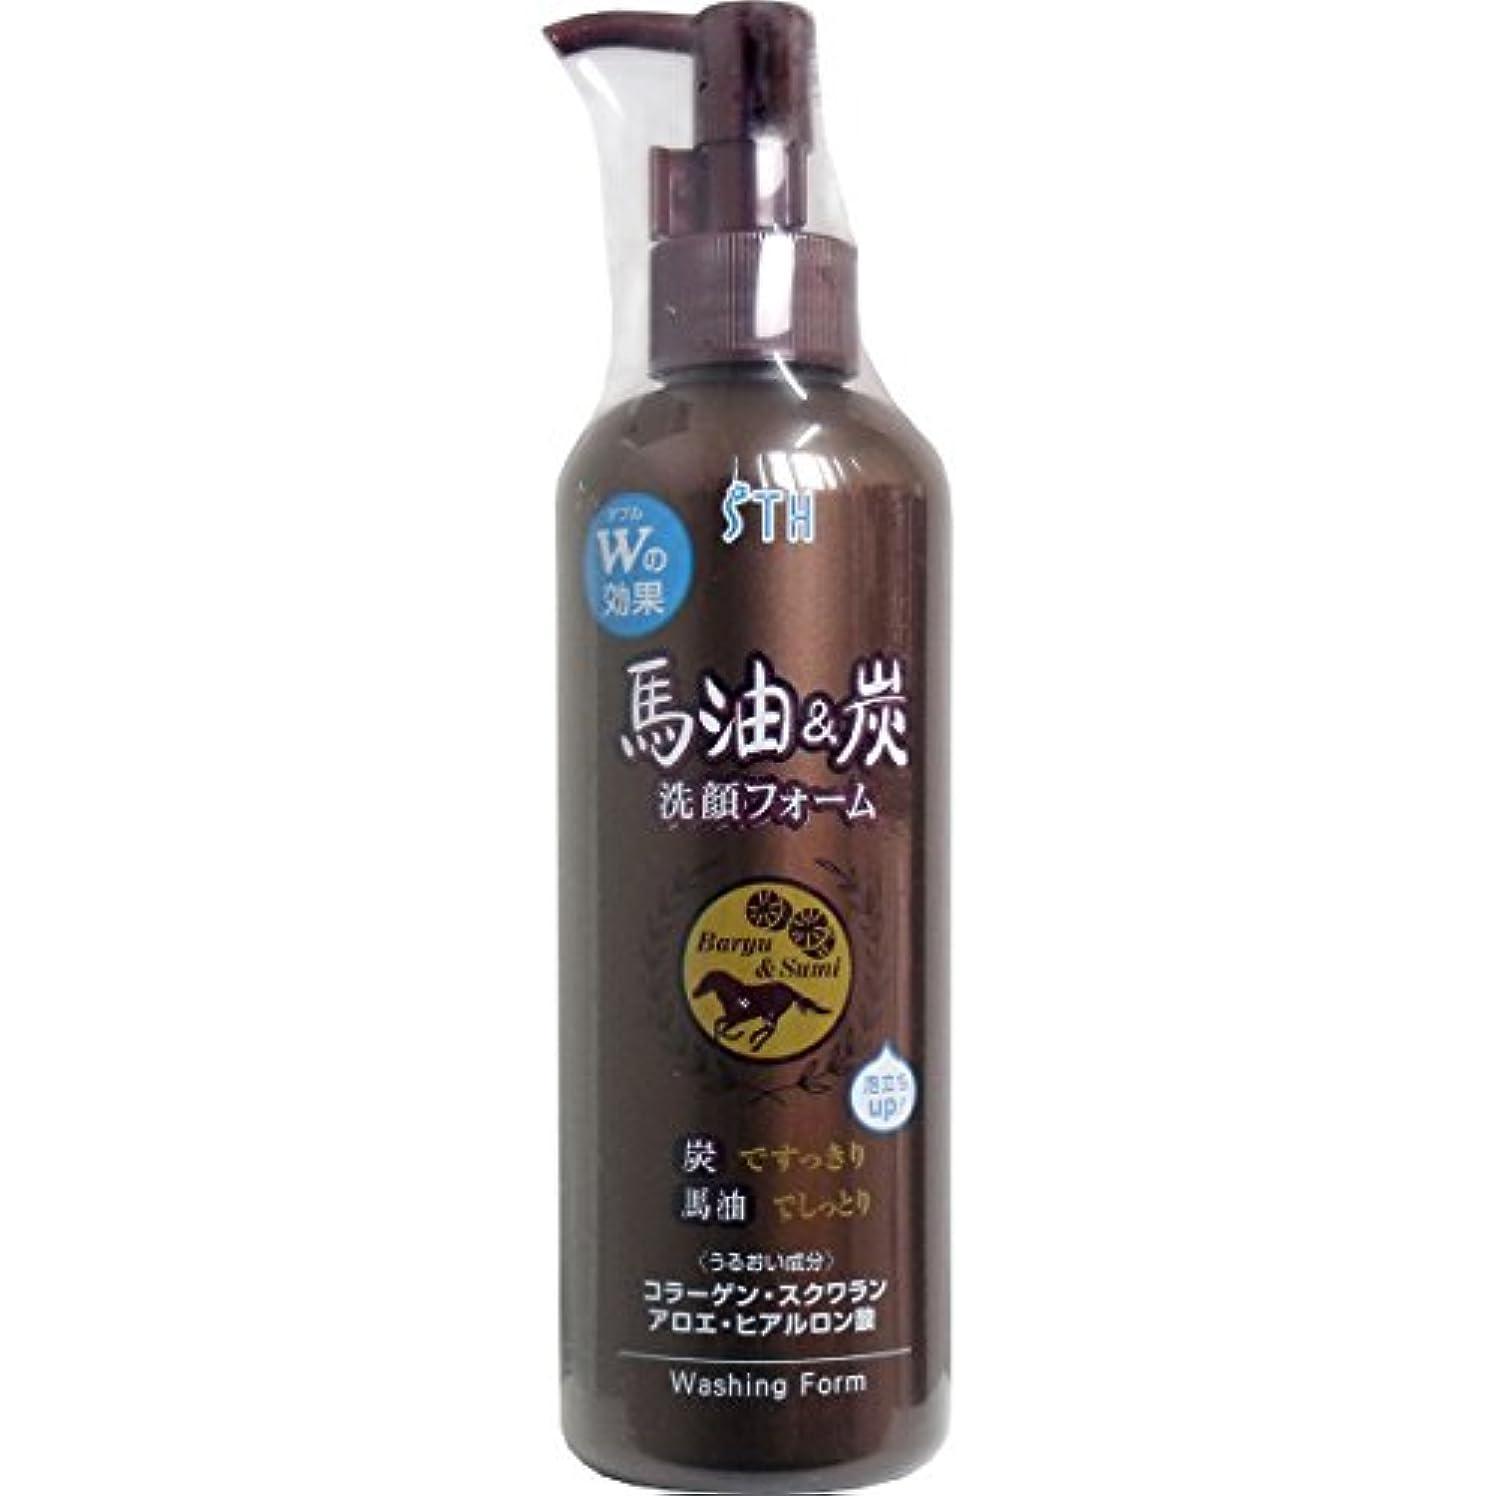 させる貢献する原油馬油&炭 洗顔フォーム 250ml 2個セット